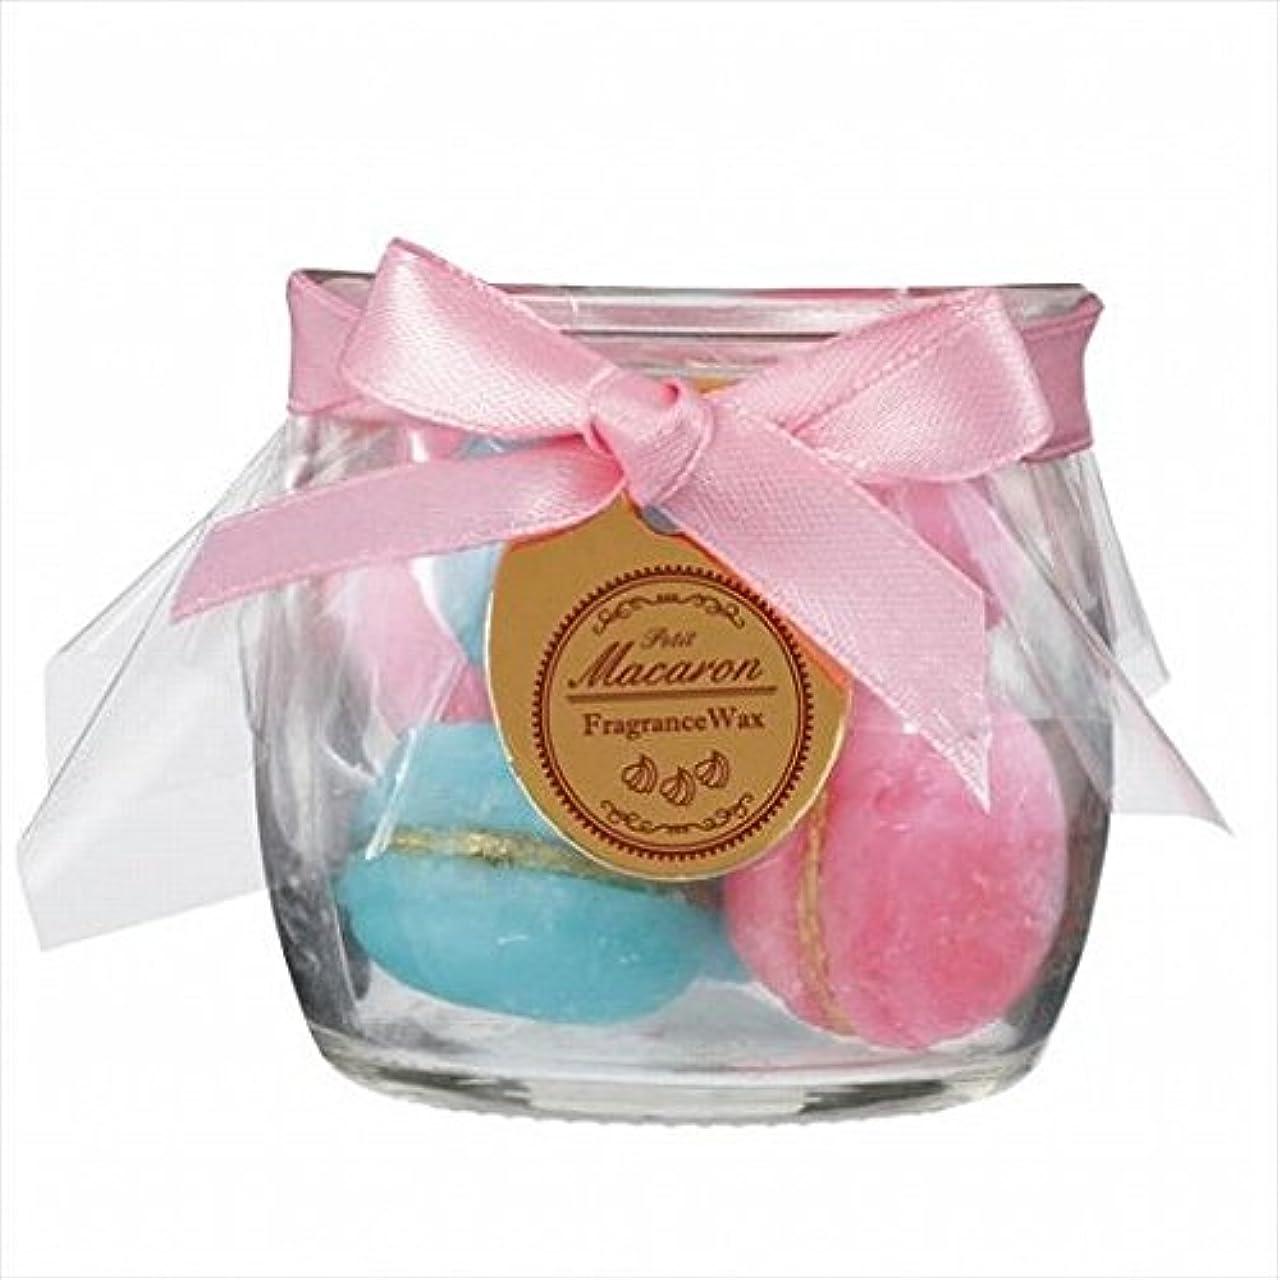 ほんの歌兄sweets candle(スイーツキャンドル) プチマカロンフレグランス 「 ピーチ 」 キャンドル 60x60x56mm (A3160540)